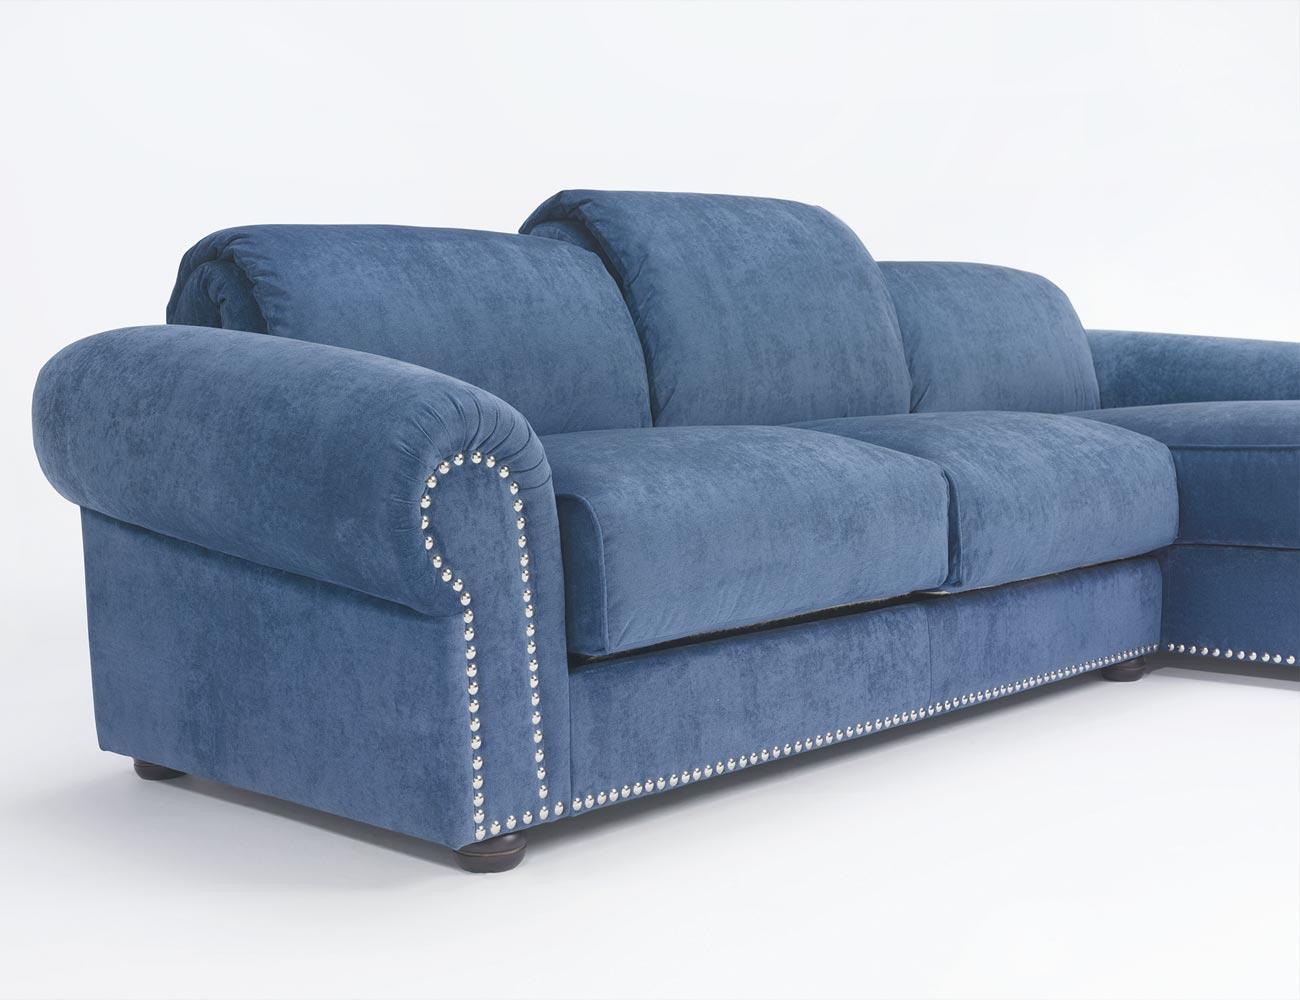 Sofa chaiselongue gran lujo decorativo azul 144